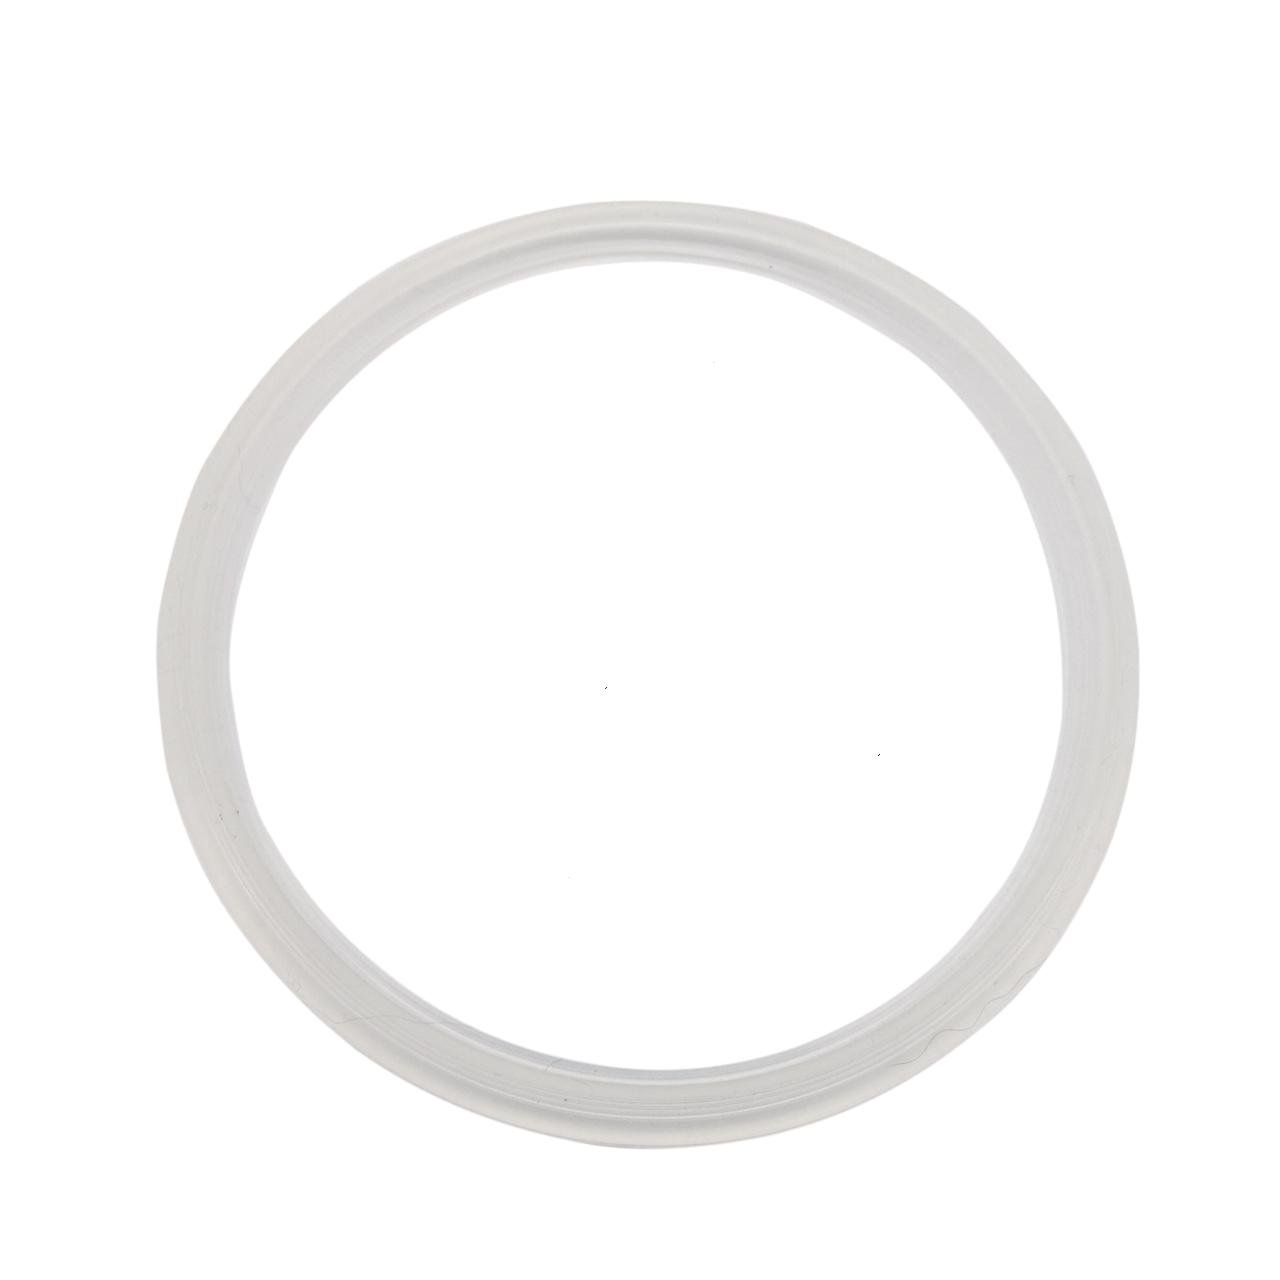 Kitchenaid Blender Jug Gasket Seal KSB555 W10292571 W10686132